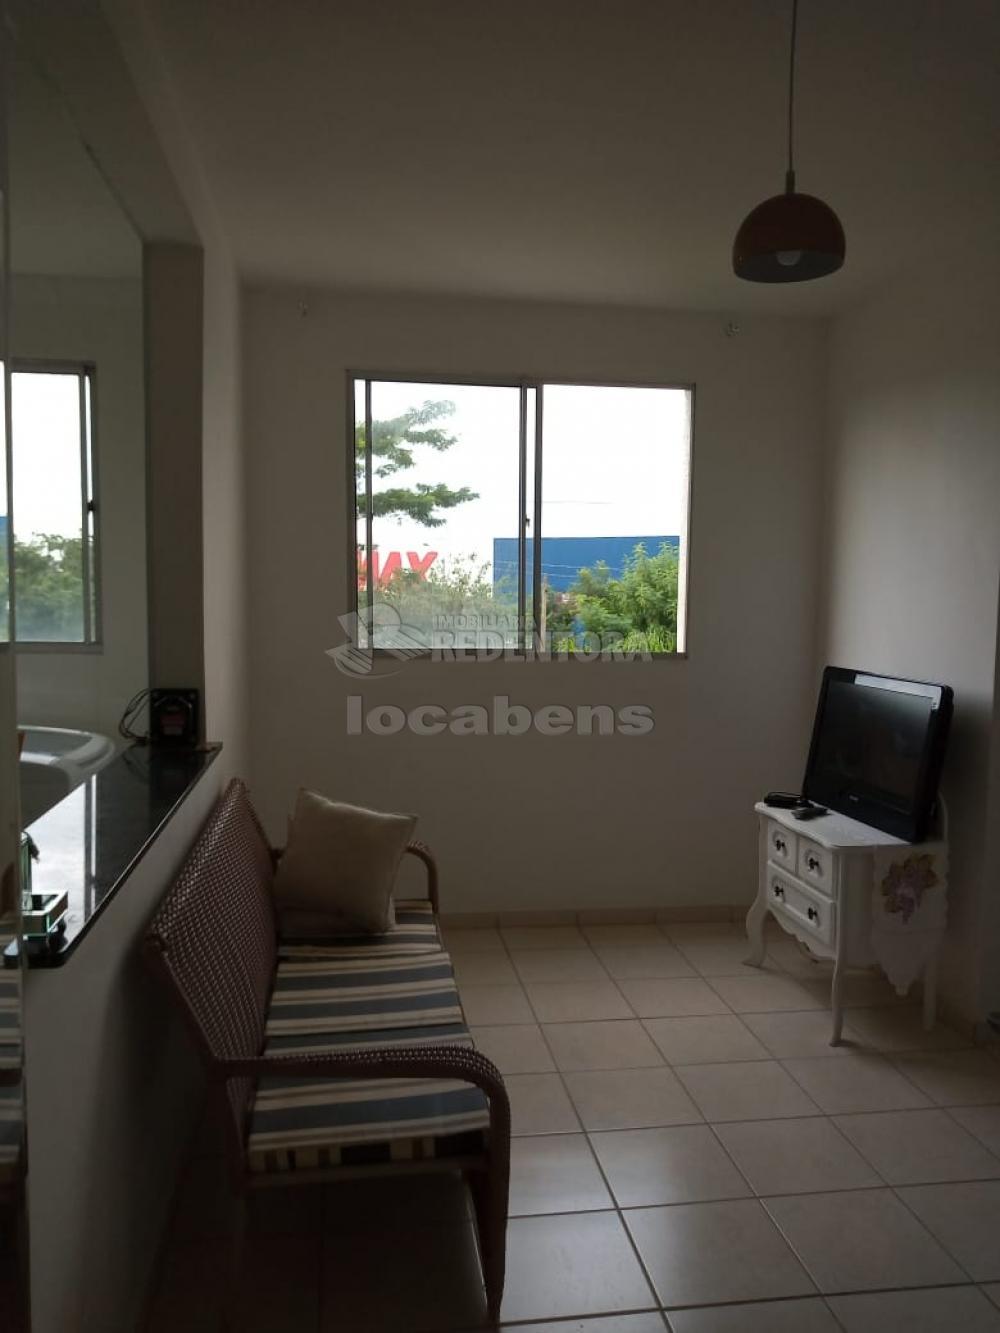 Comprar Apartamento / Padrão em São José do Rio Preto R$ 165.000,00 - Foto 1